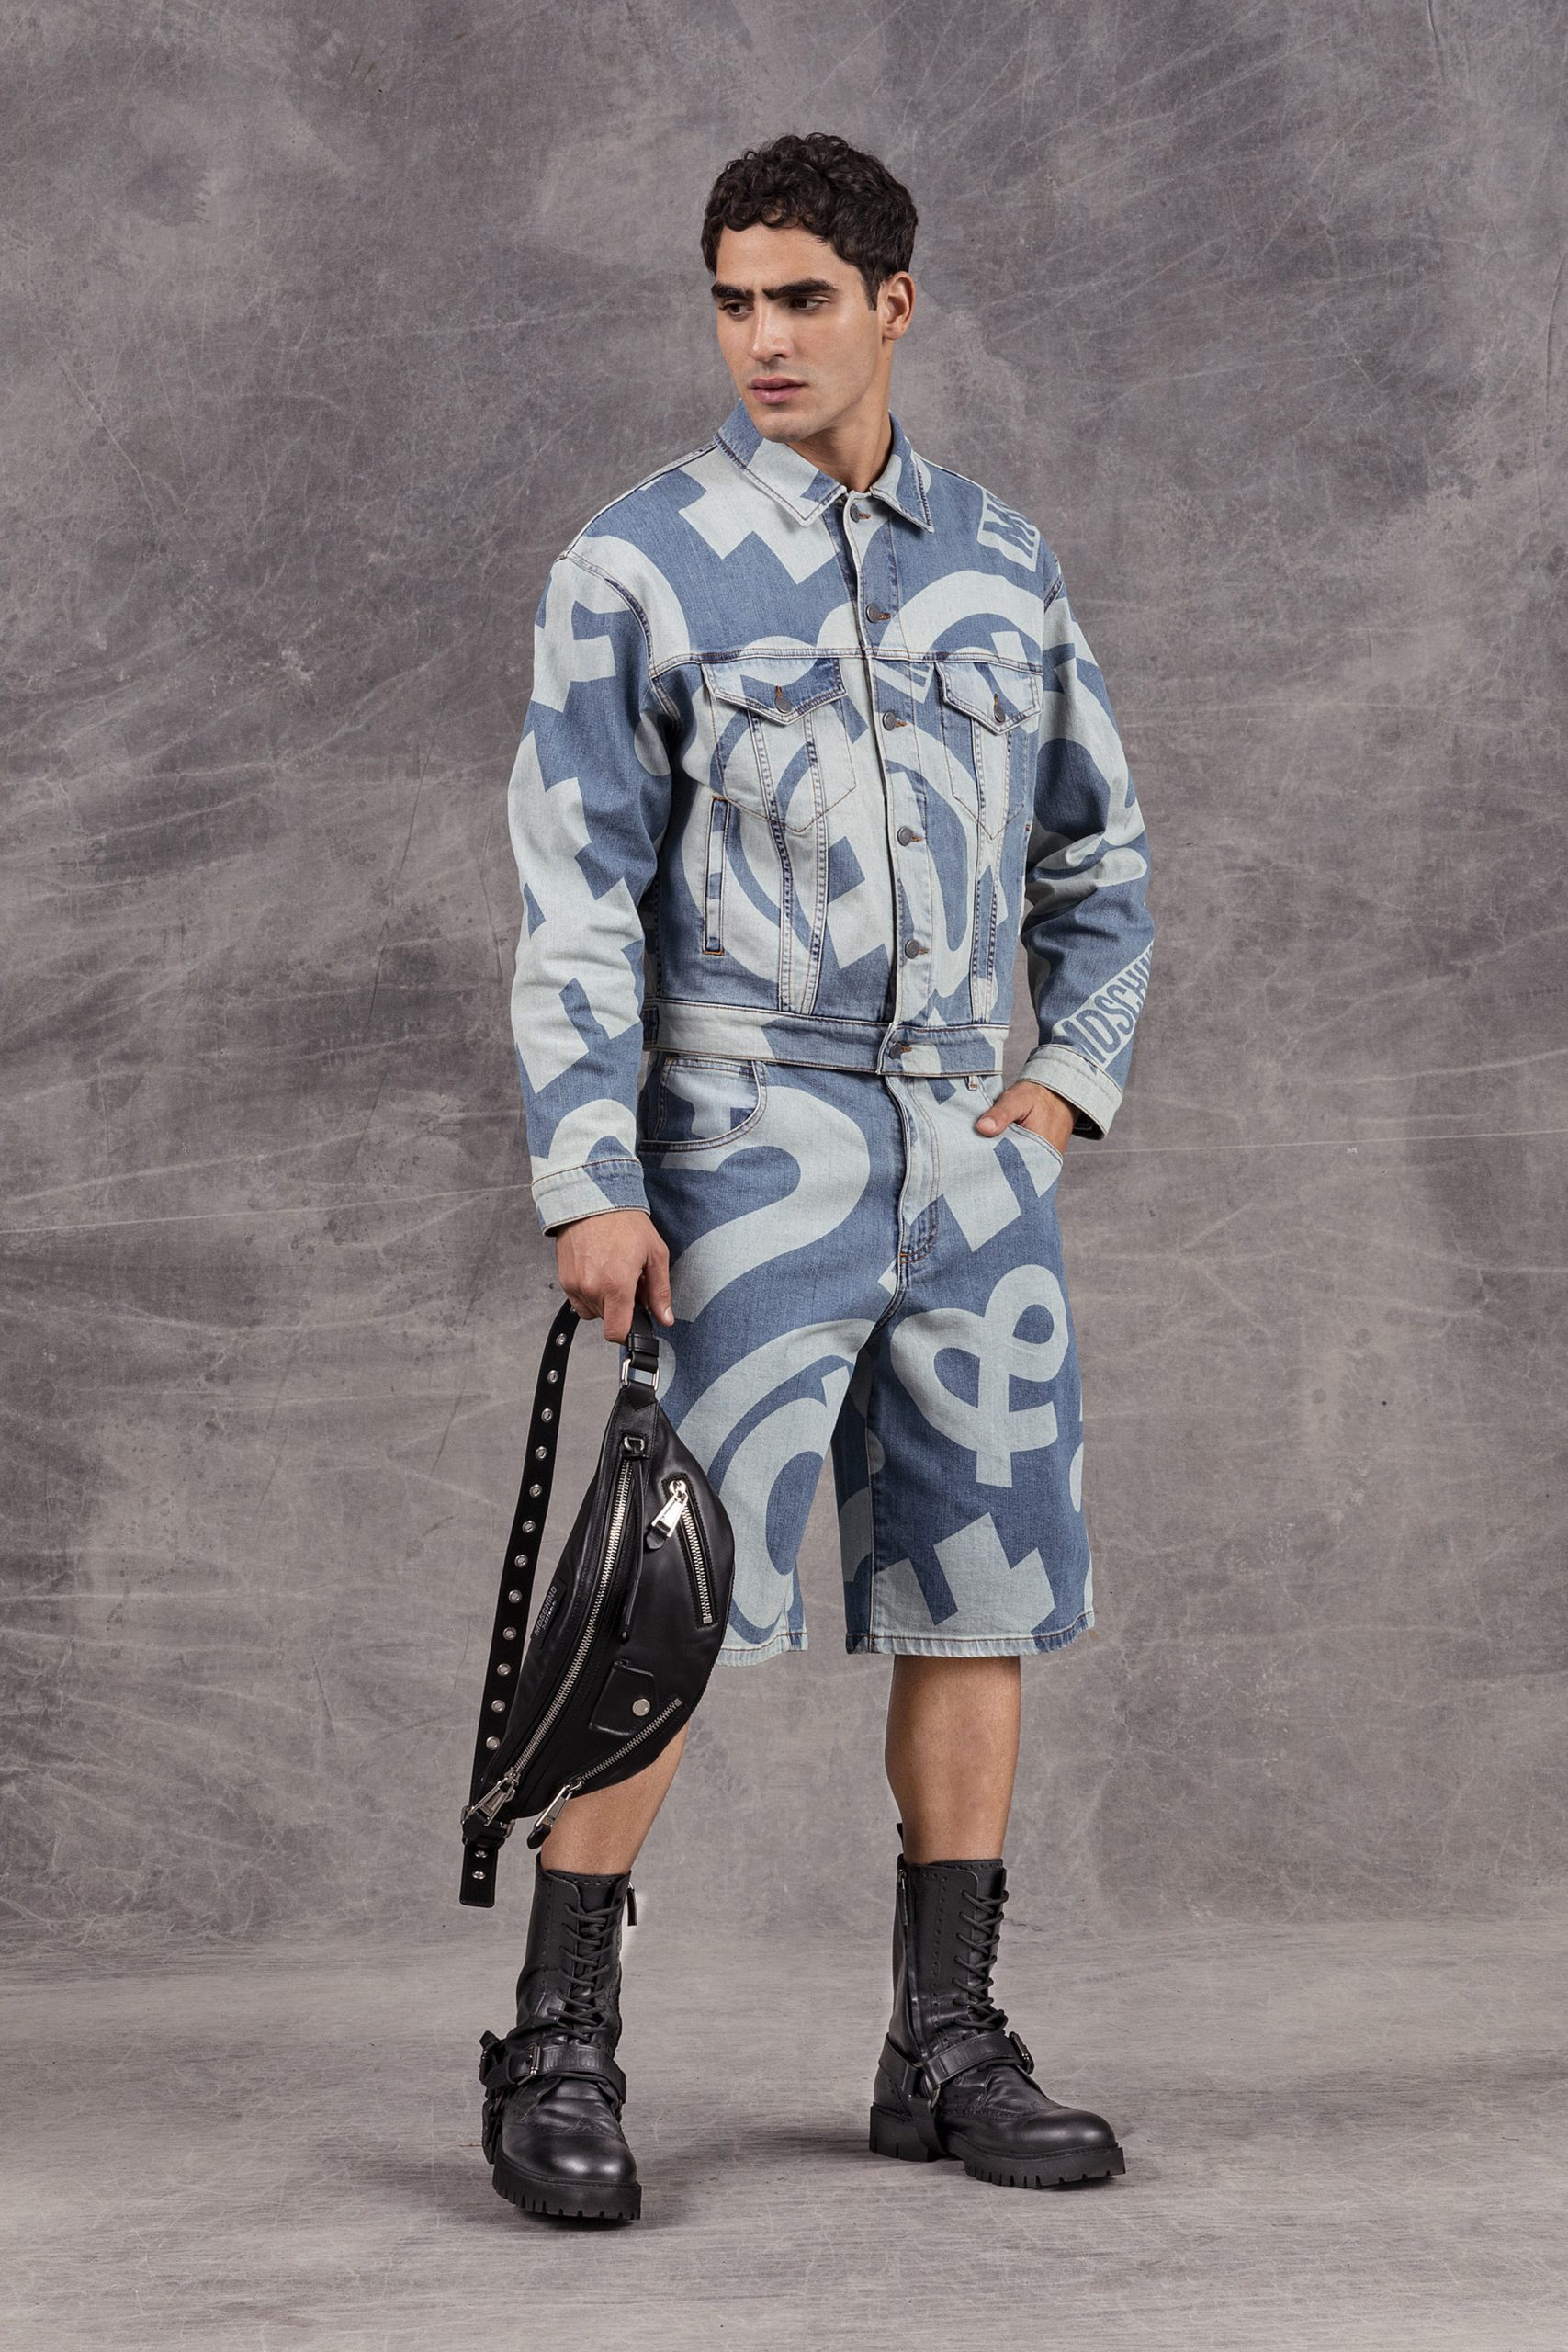 Деним, пиджаки и необычные принты: новая мужская коллекция Moschino